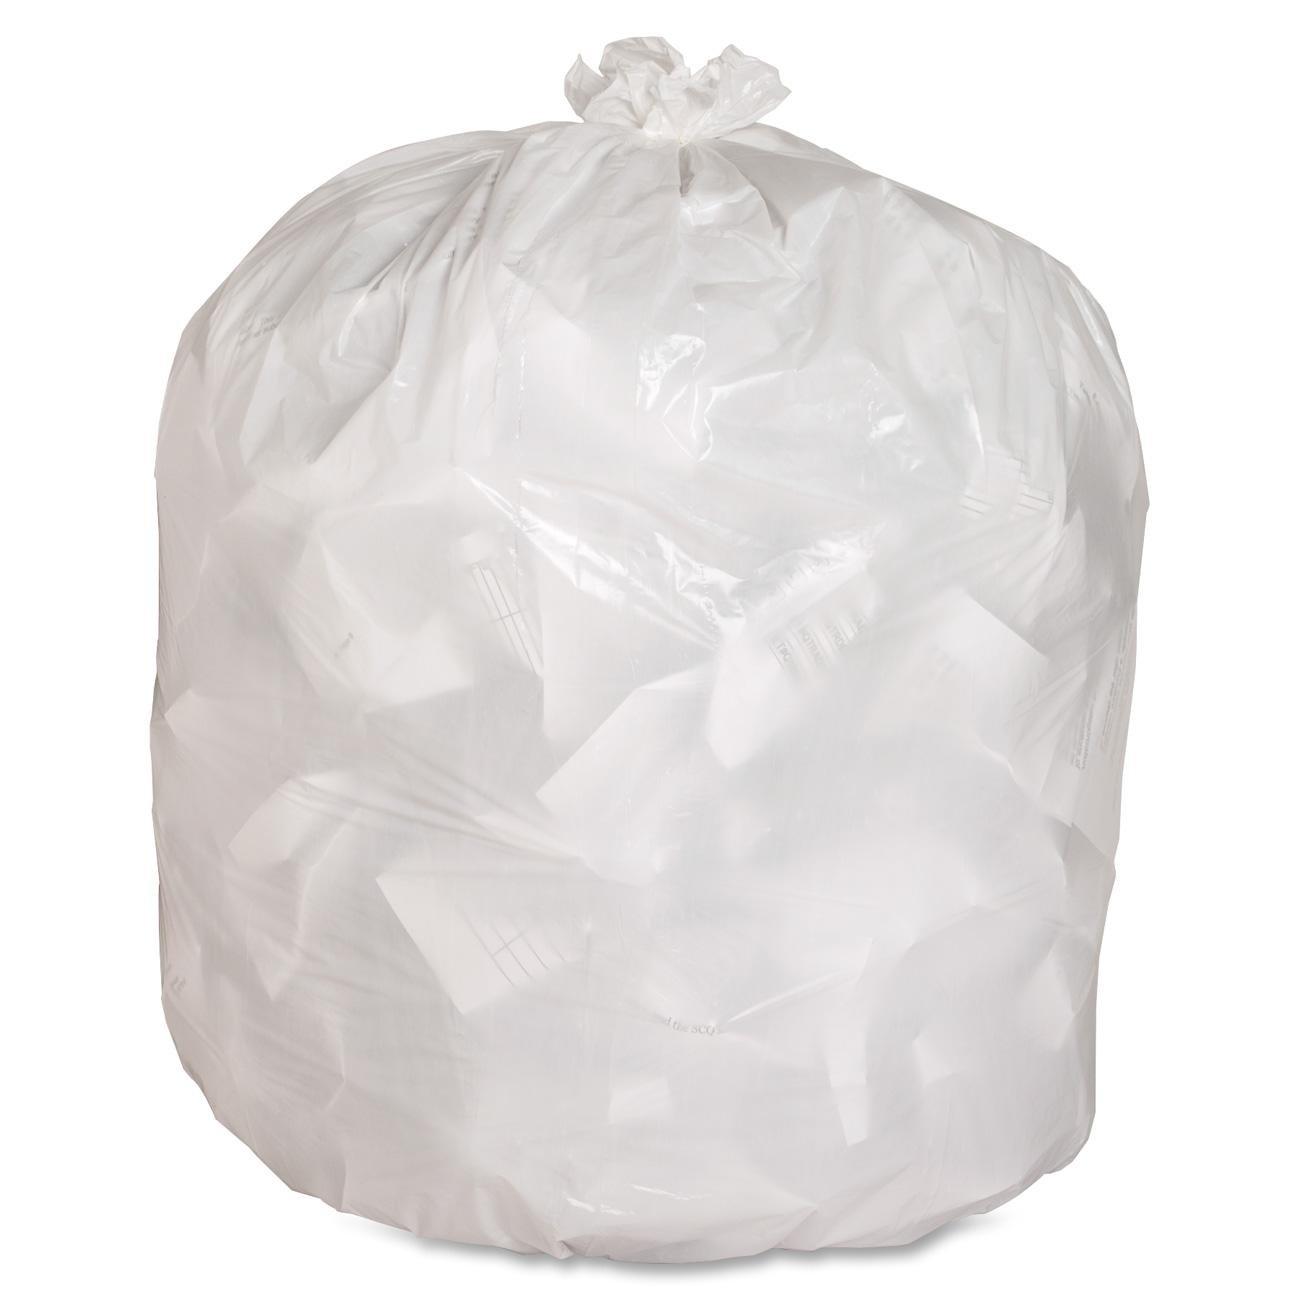 kitchen garbage bags artwork for walls genuine joe gjo02312 heavy duty low density trash